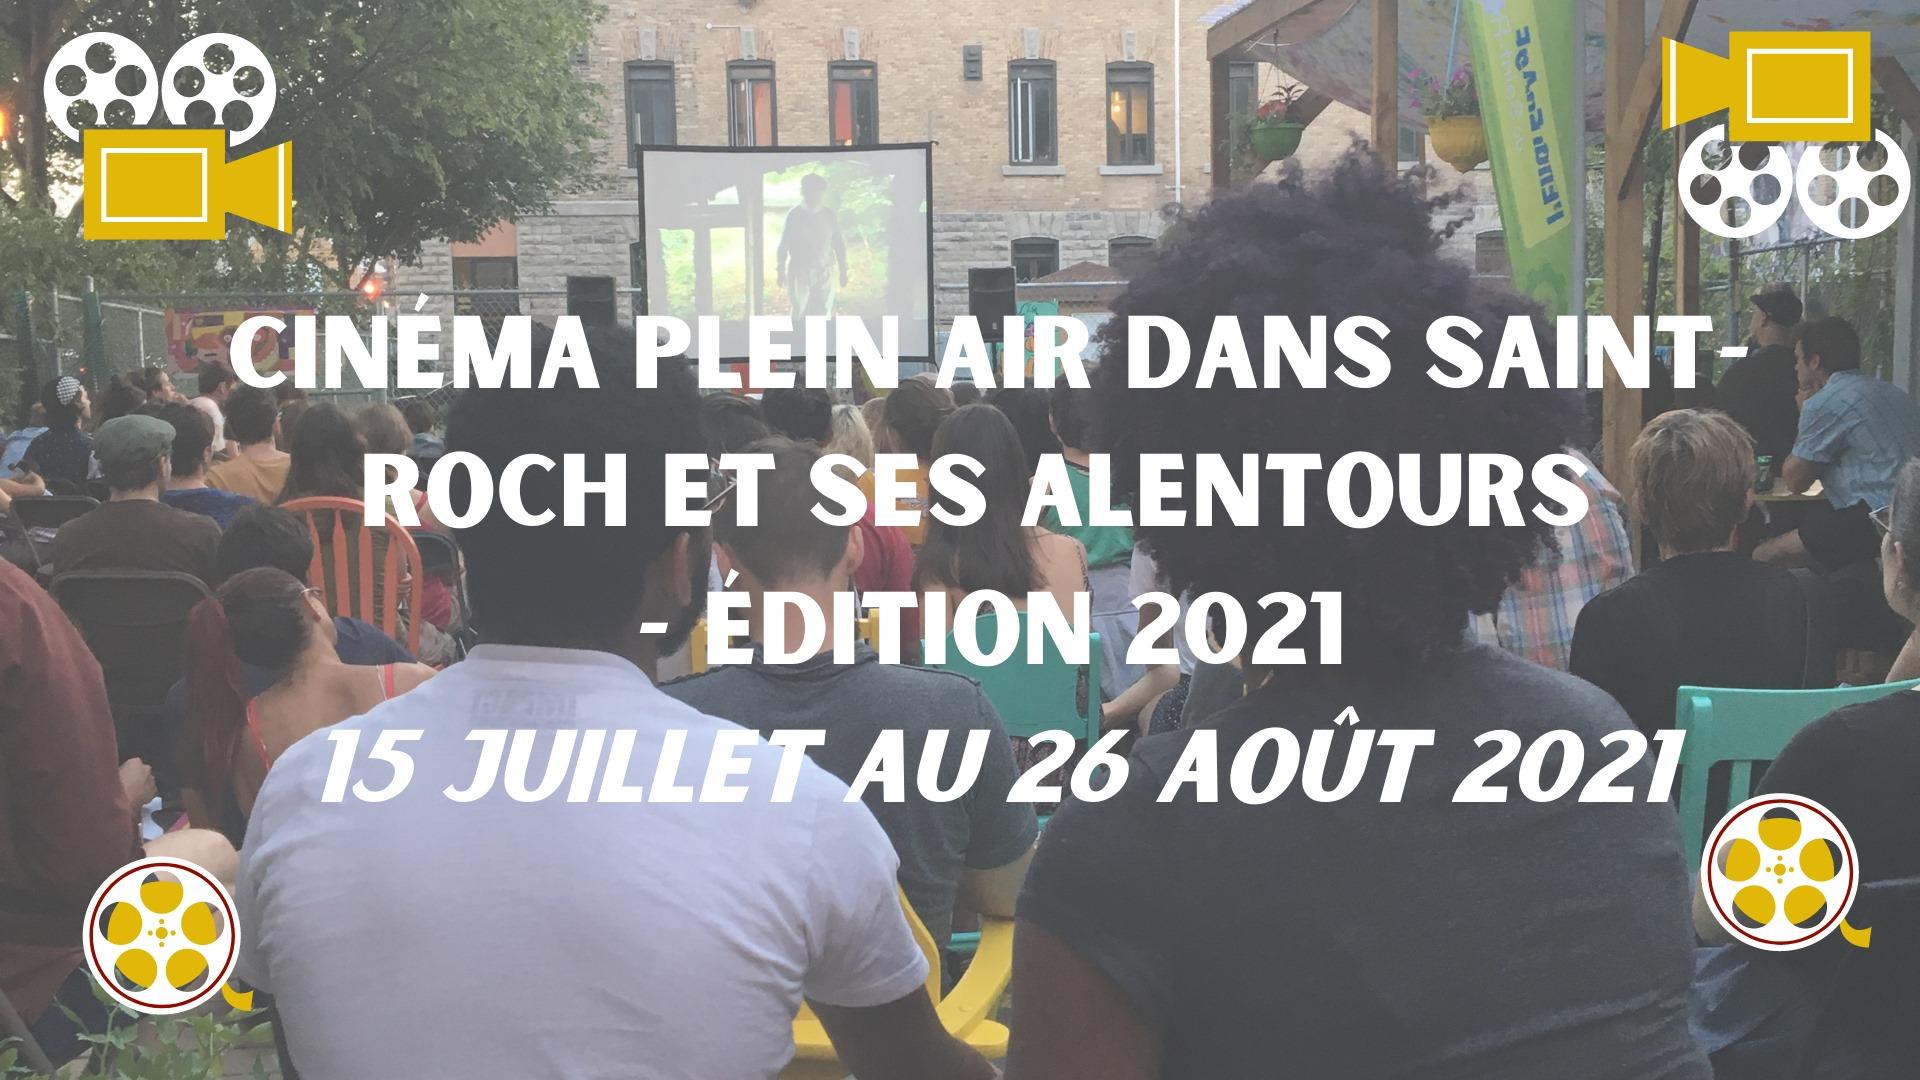 Cinéma plein air dans Saint-Roch et ses alentours - édition 2021